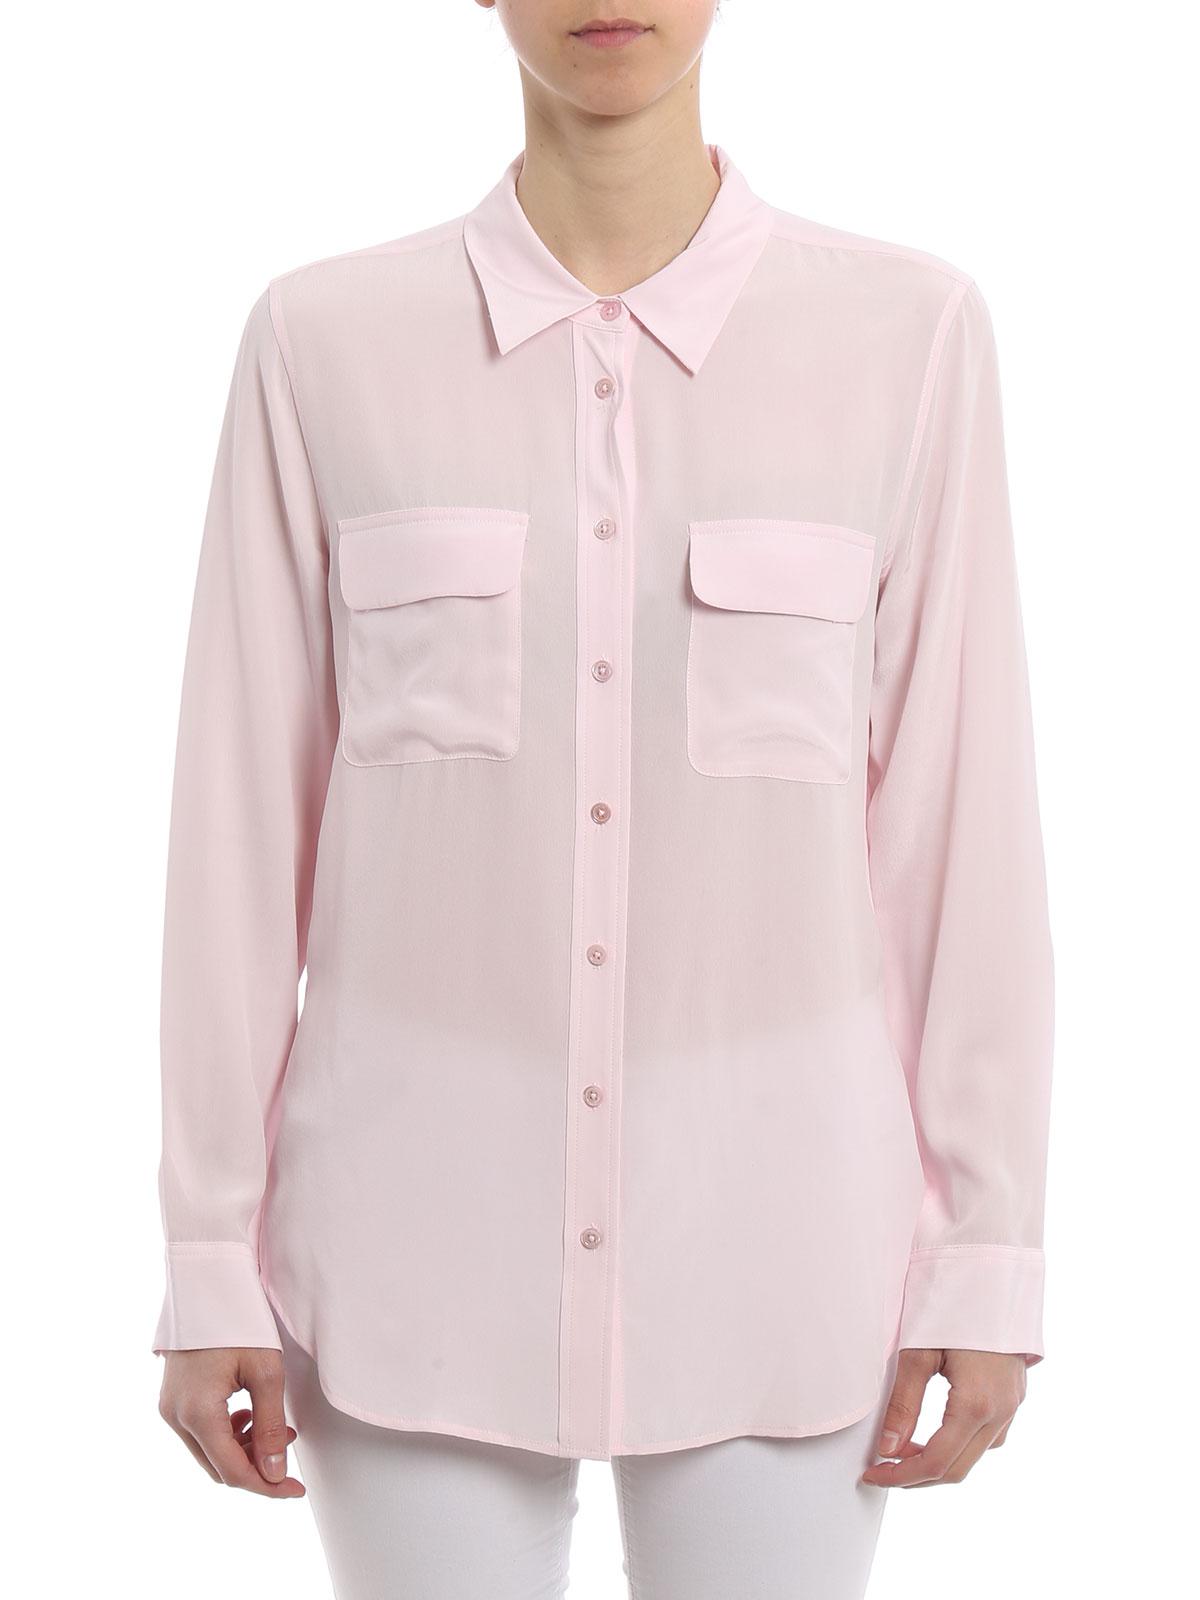 Mujer Camisa Petalpink Q23e231 Equipment Para Camisas Rosada qFn7ftwdfR